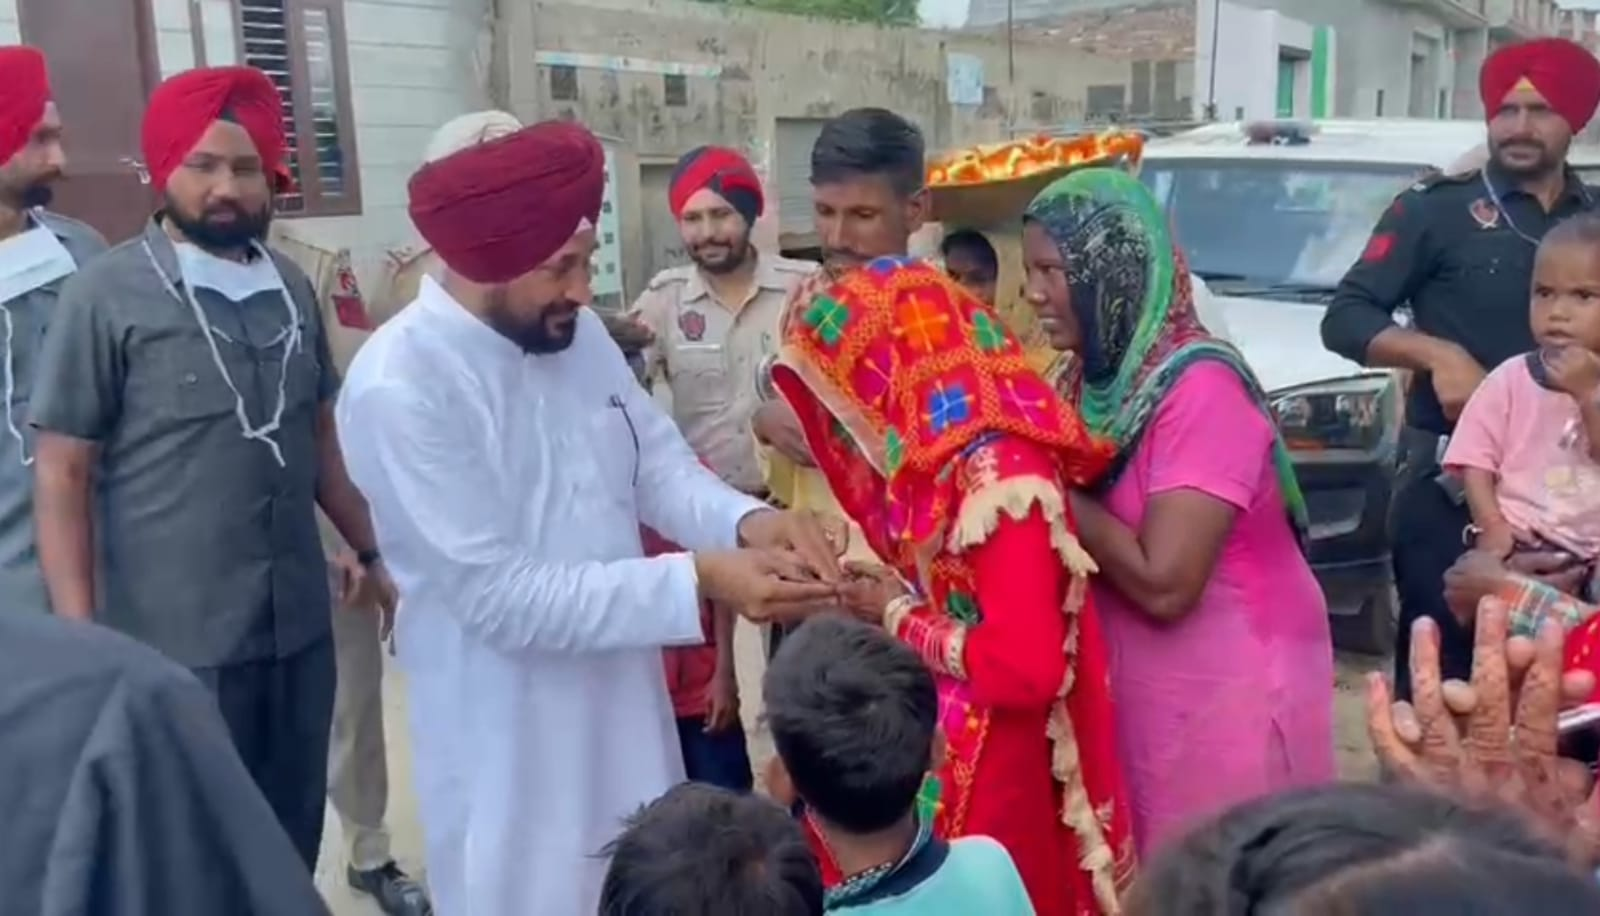 बठिंडा में शादी समारोह देख मुख्यमंत्री ने रुकवाईं गाडियां, सड़क पर ही दिया नवविवाहित जोड़े को शगुन|लुधियाना,Ludhiana - Dainik Bhaskar